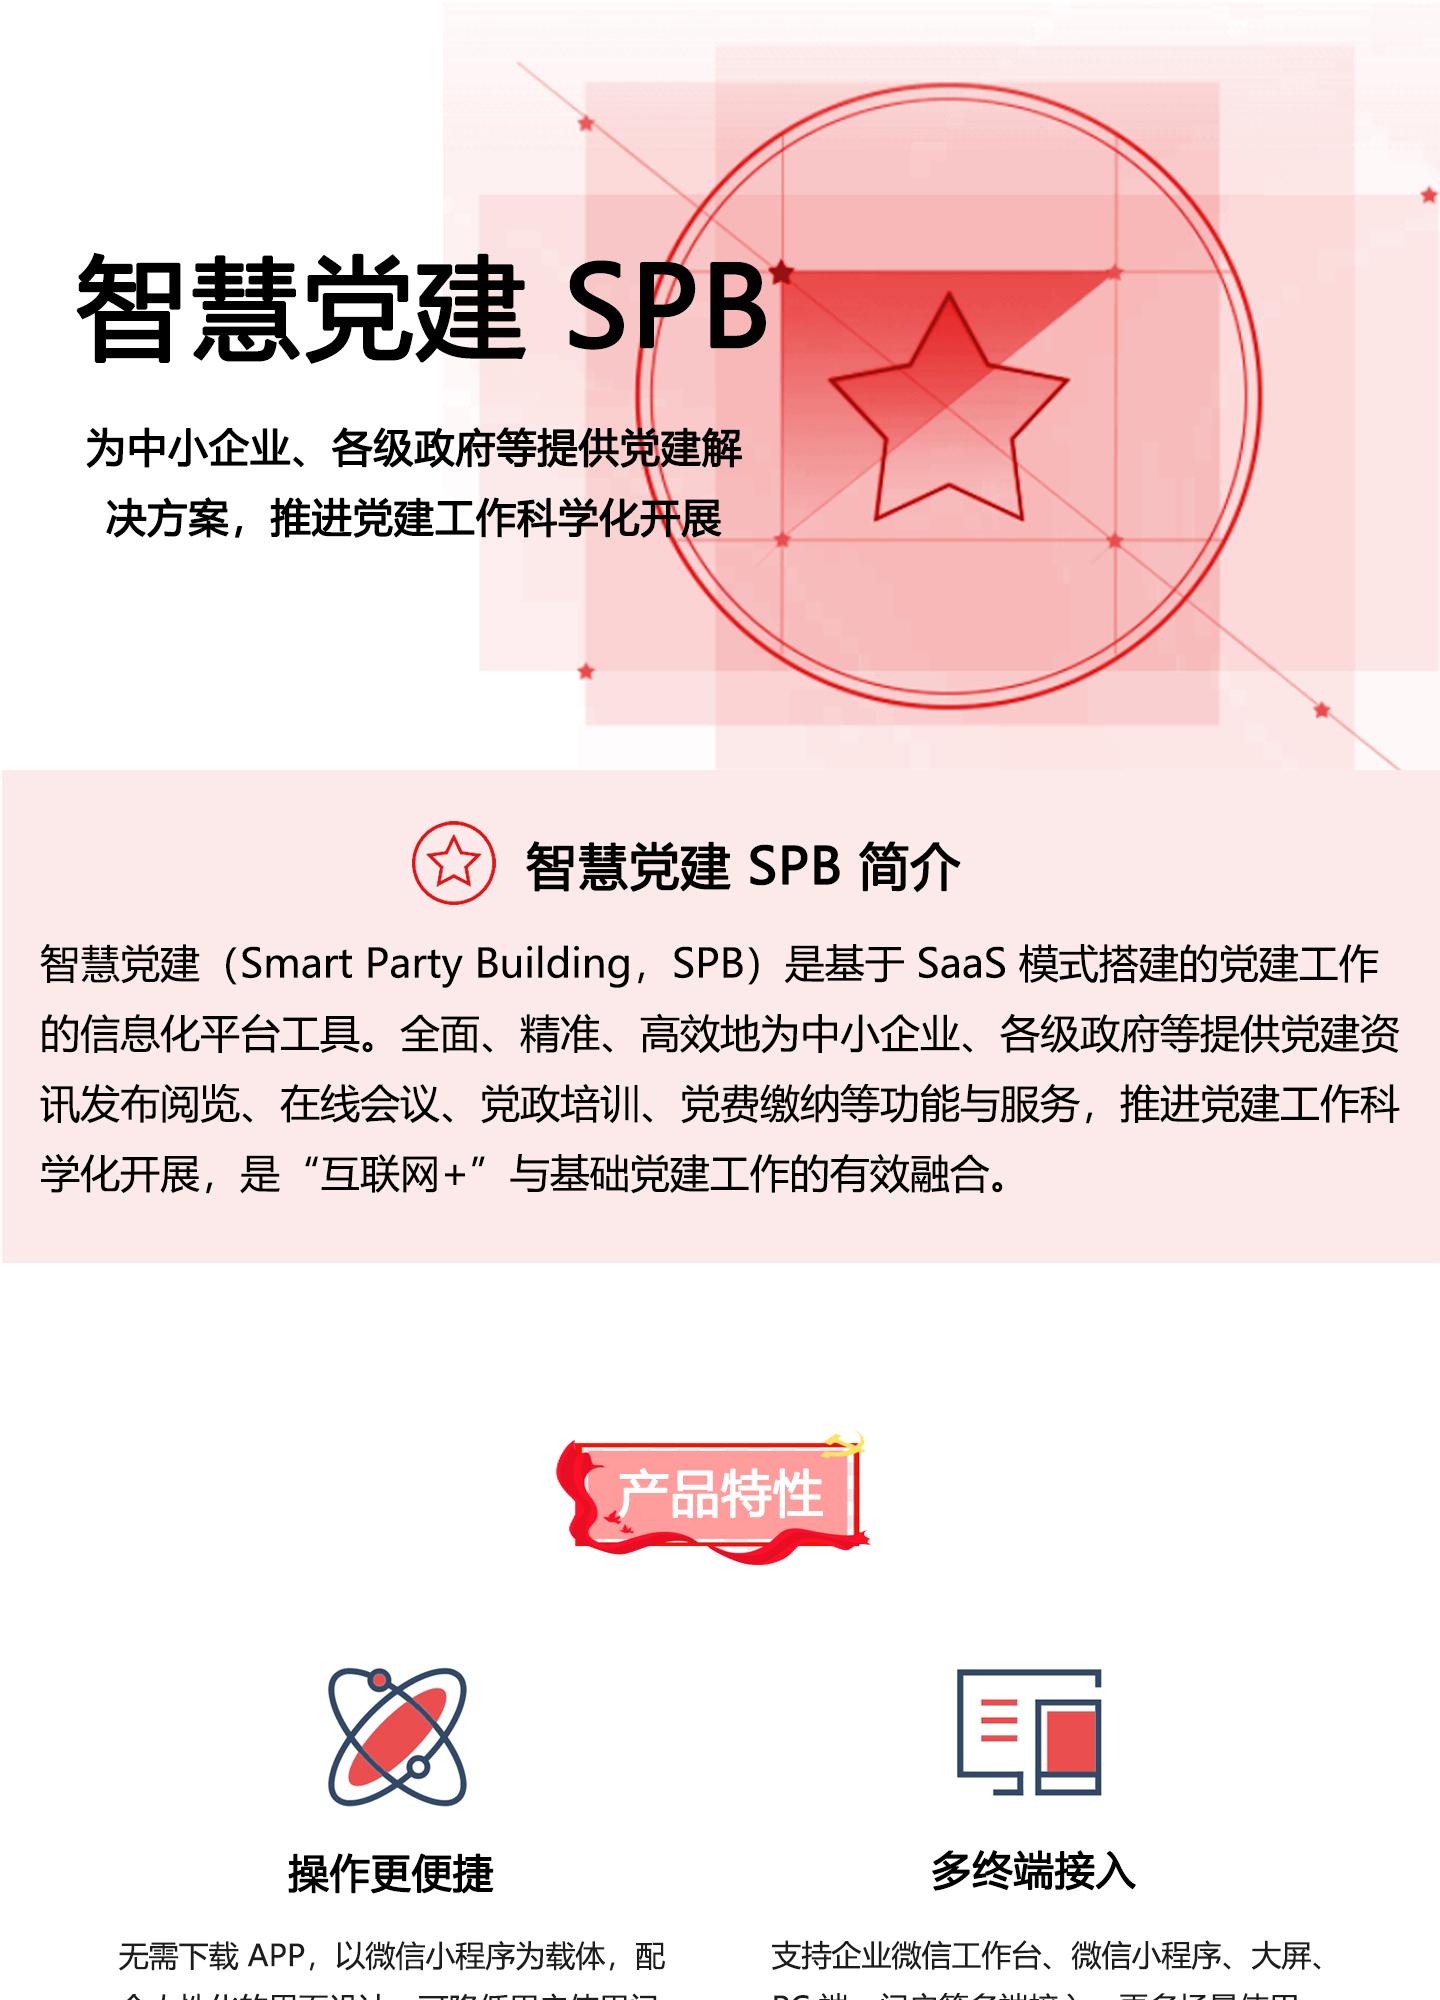 智慧党建-SPB1440_01.jpg